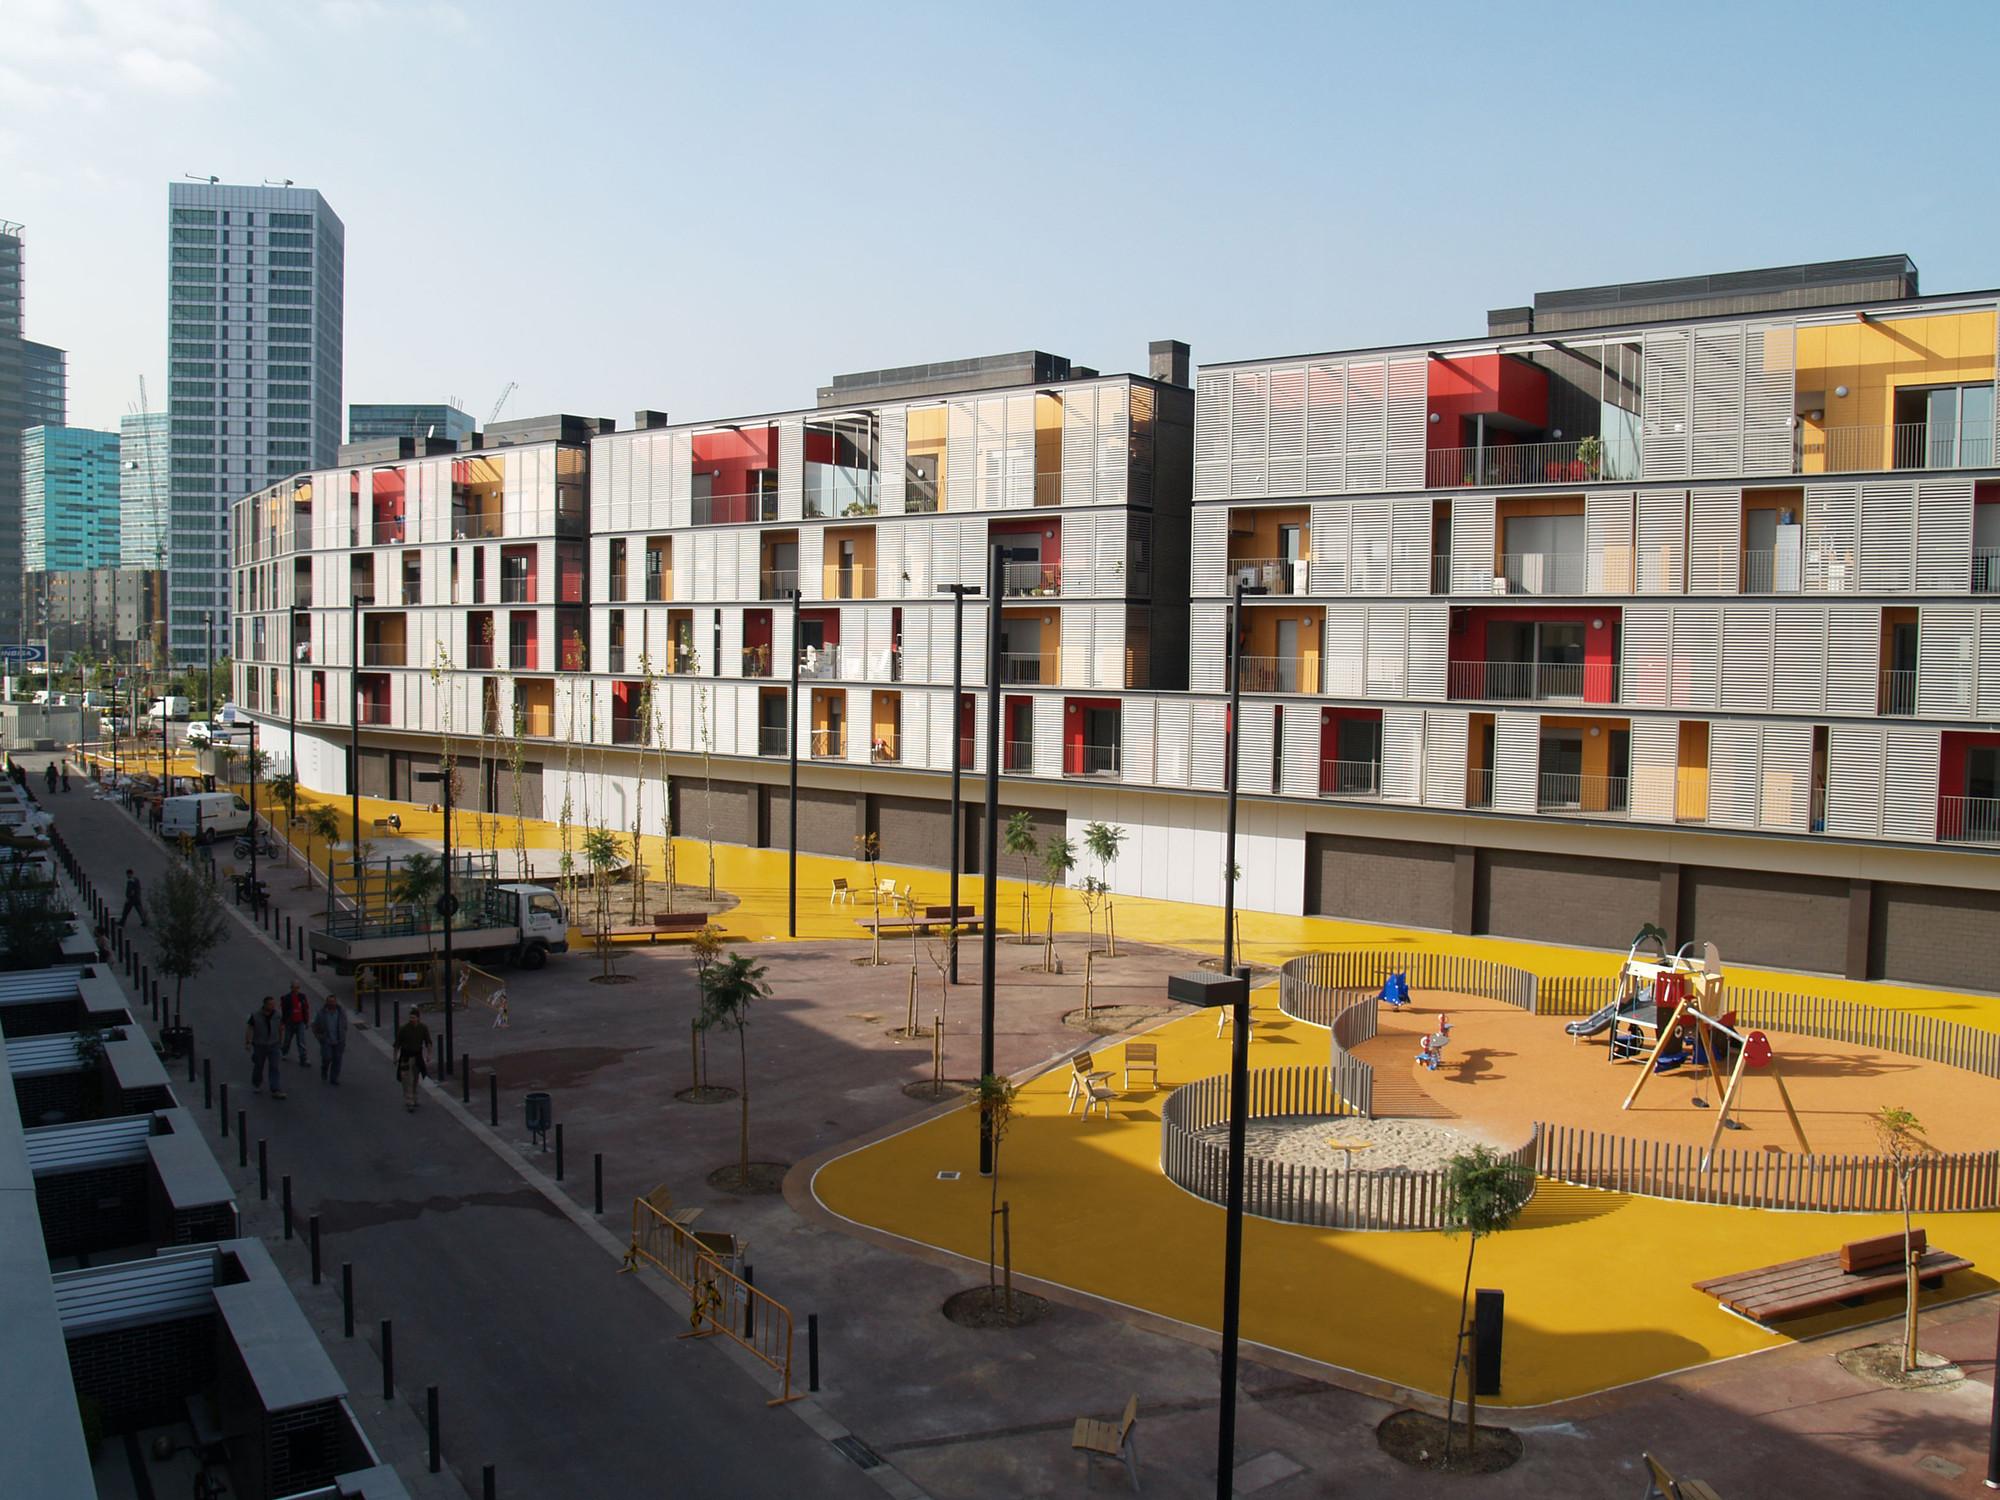 Bloque de 60 viviendas locales y aparcamiento onl for Vivienda arquitectura